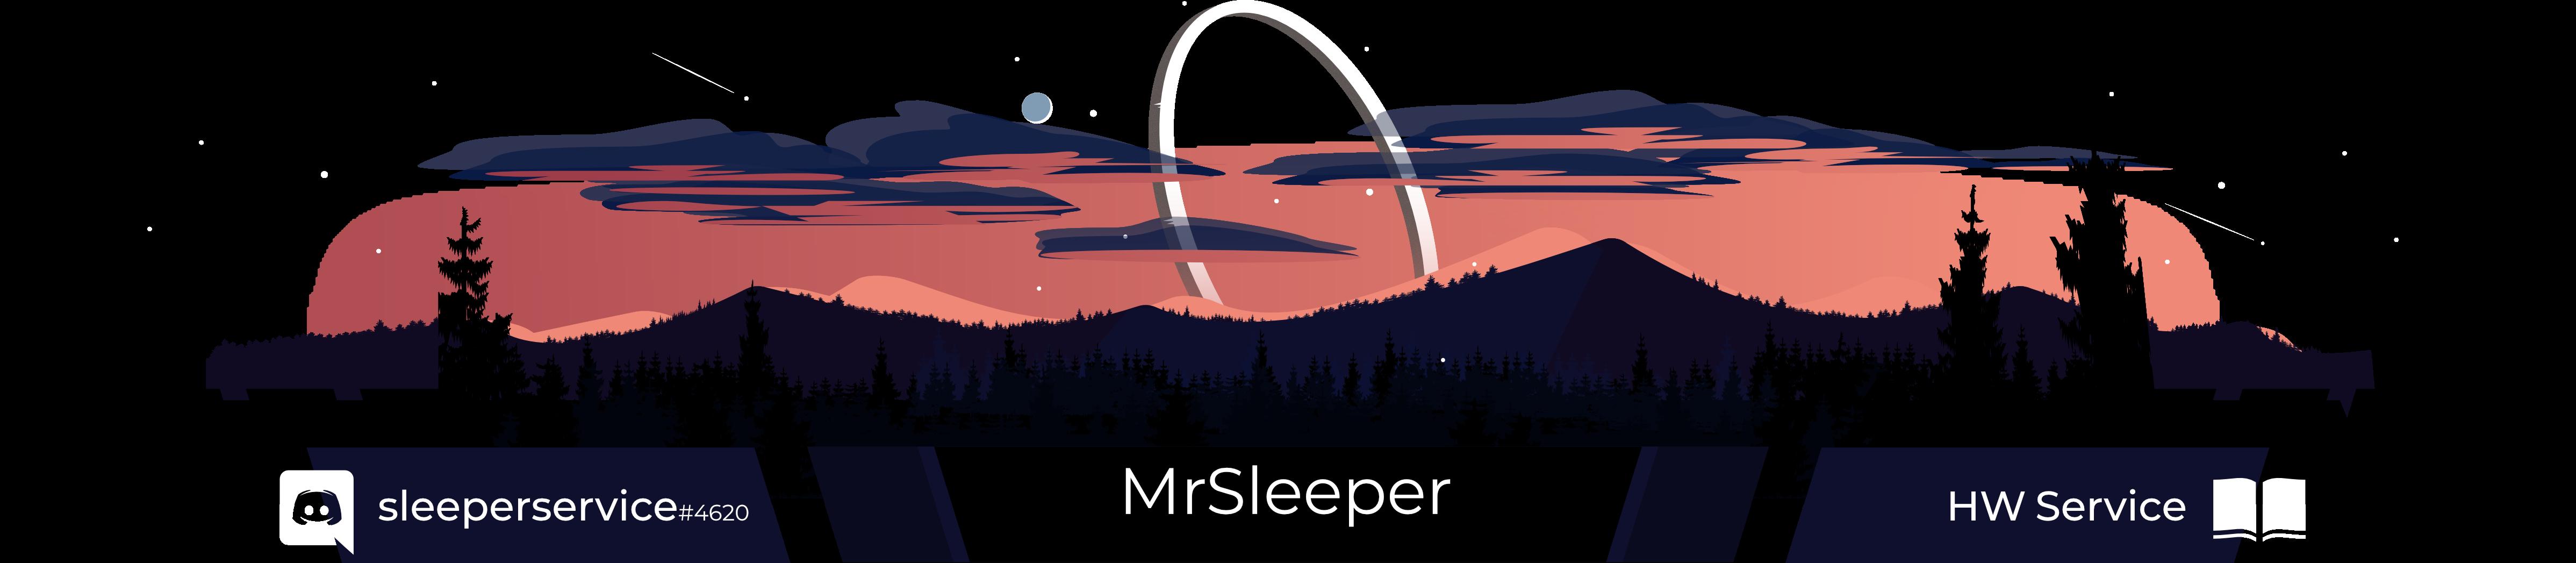 [Image: sleeper1.png]